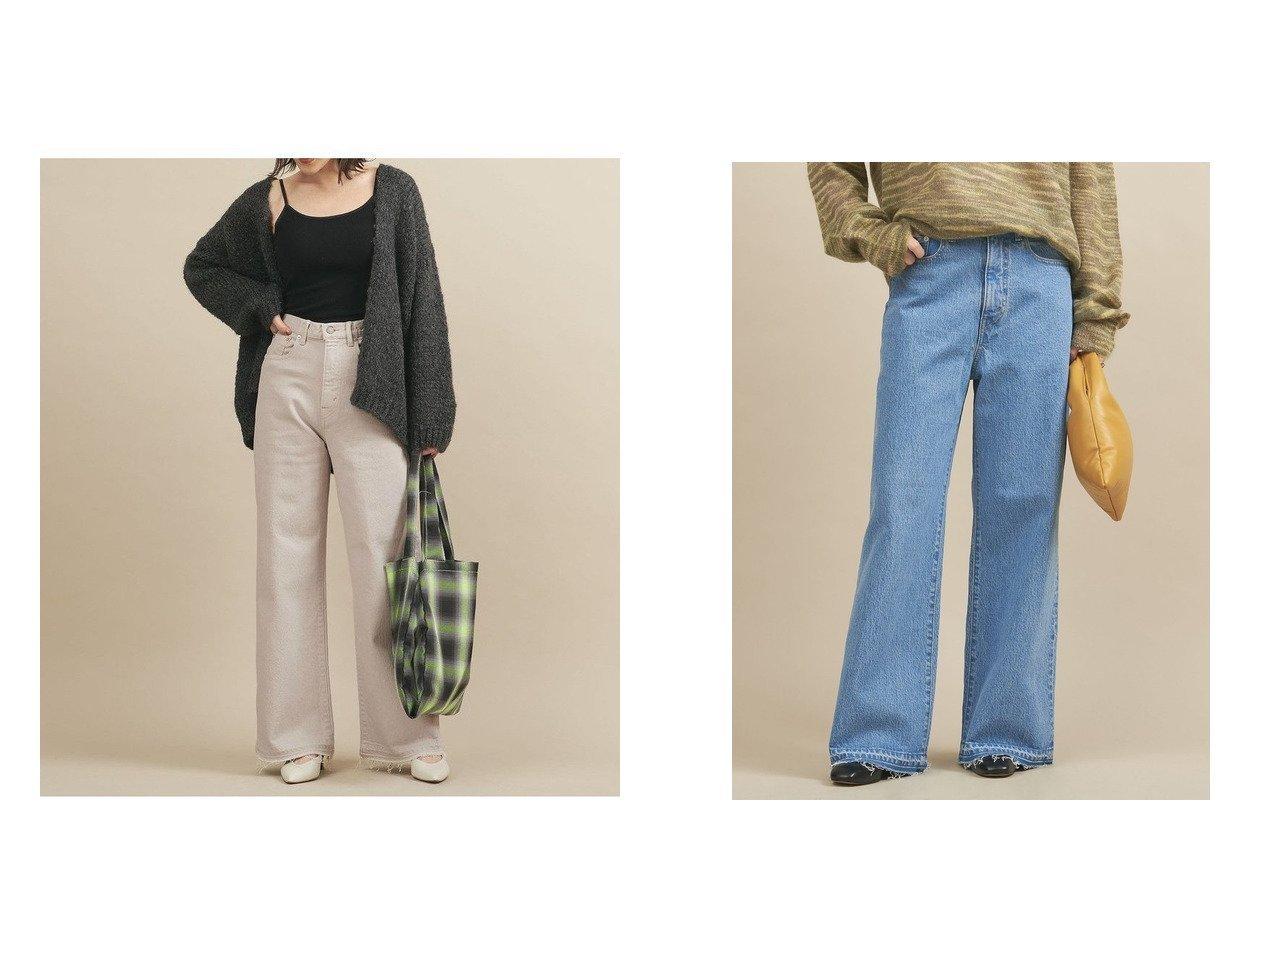 【BEAUTY&YOUTH / UNITED ARROWS/ビューティ&ユース ユナイテッドアローズ】のBY デニムソフトバギーパンツ 【パンツ】おすすめ!人気、トレンド・レディースファッションの通販 おすすめで人気の流行・トレンド、ファッションの通販商品 インテリア・家具・メンズファッション・キッズファッション・レディースファッション・服の通販 founy(ファニー) https://founy.com/ ファッション Fashion レディースファッション WOMEN パンツ Pants カットオフ カットソー シューズ ジーンズ スマート デニム 定番 Standard ミドル 冬 Winter A/W・秋冬 AW・Autumn/Winter・FW・Fall-Winter 再入荷 Restock/Back in Stock/Re Arrival NEW・新作・新着・新入荷 New Arrivals おすすめ Recommend  ID:crp329100000059833